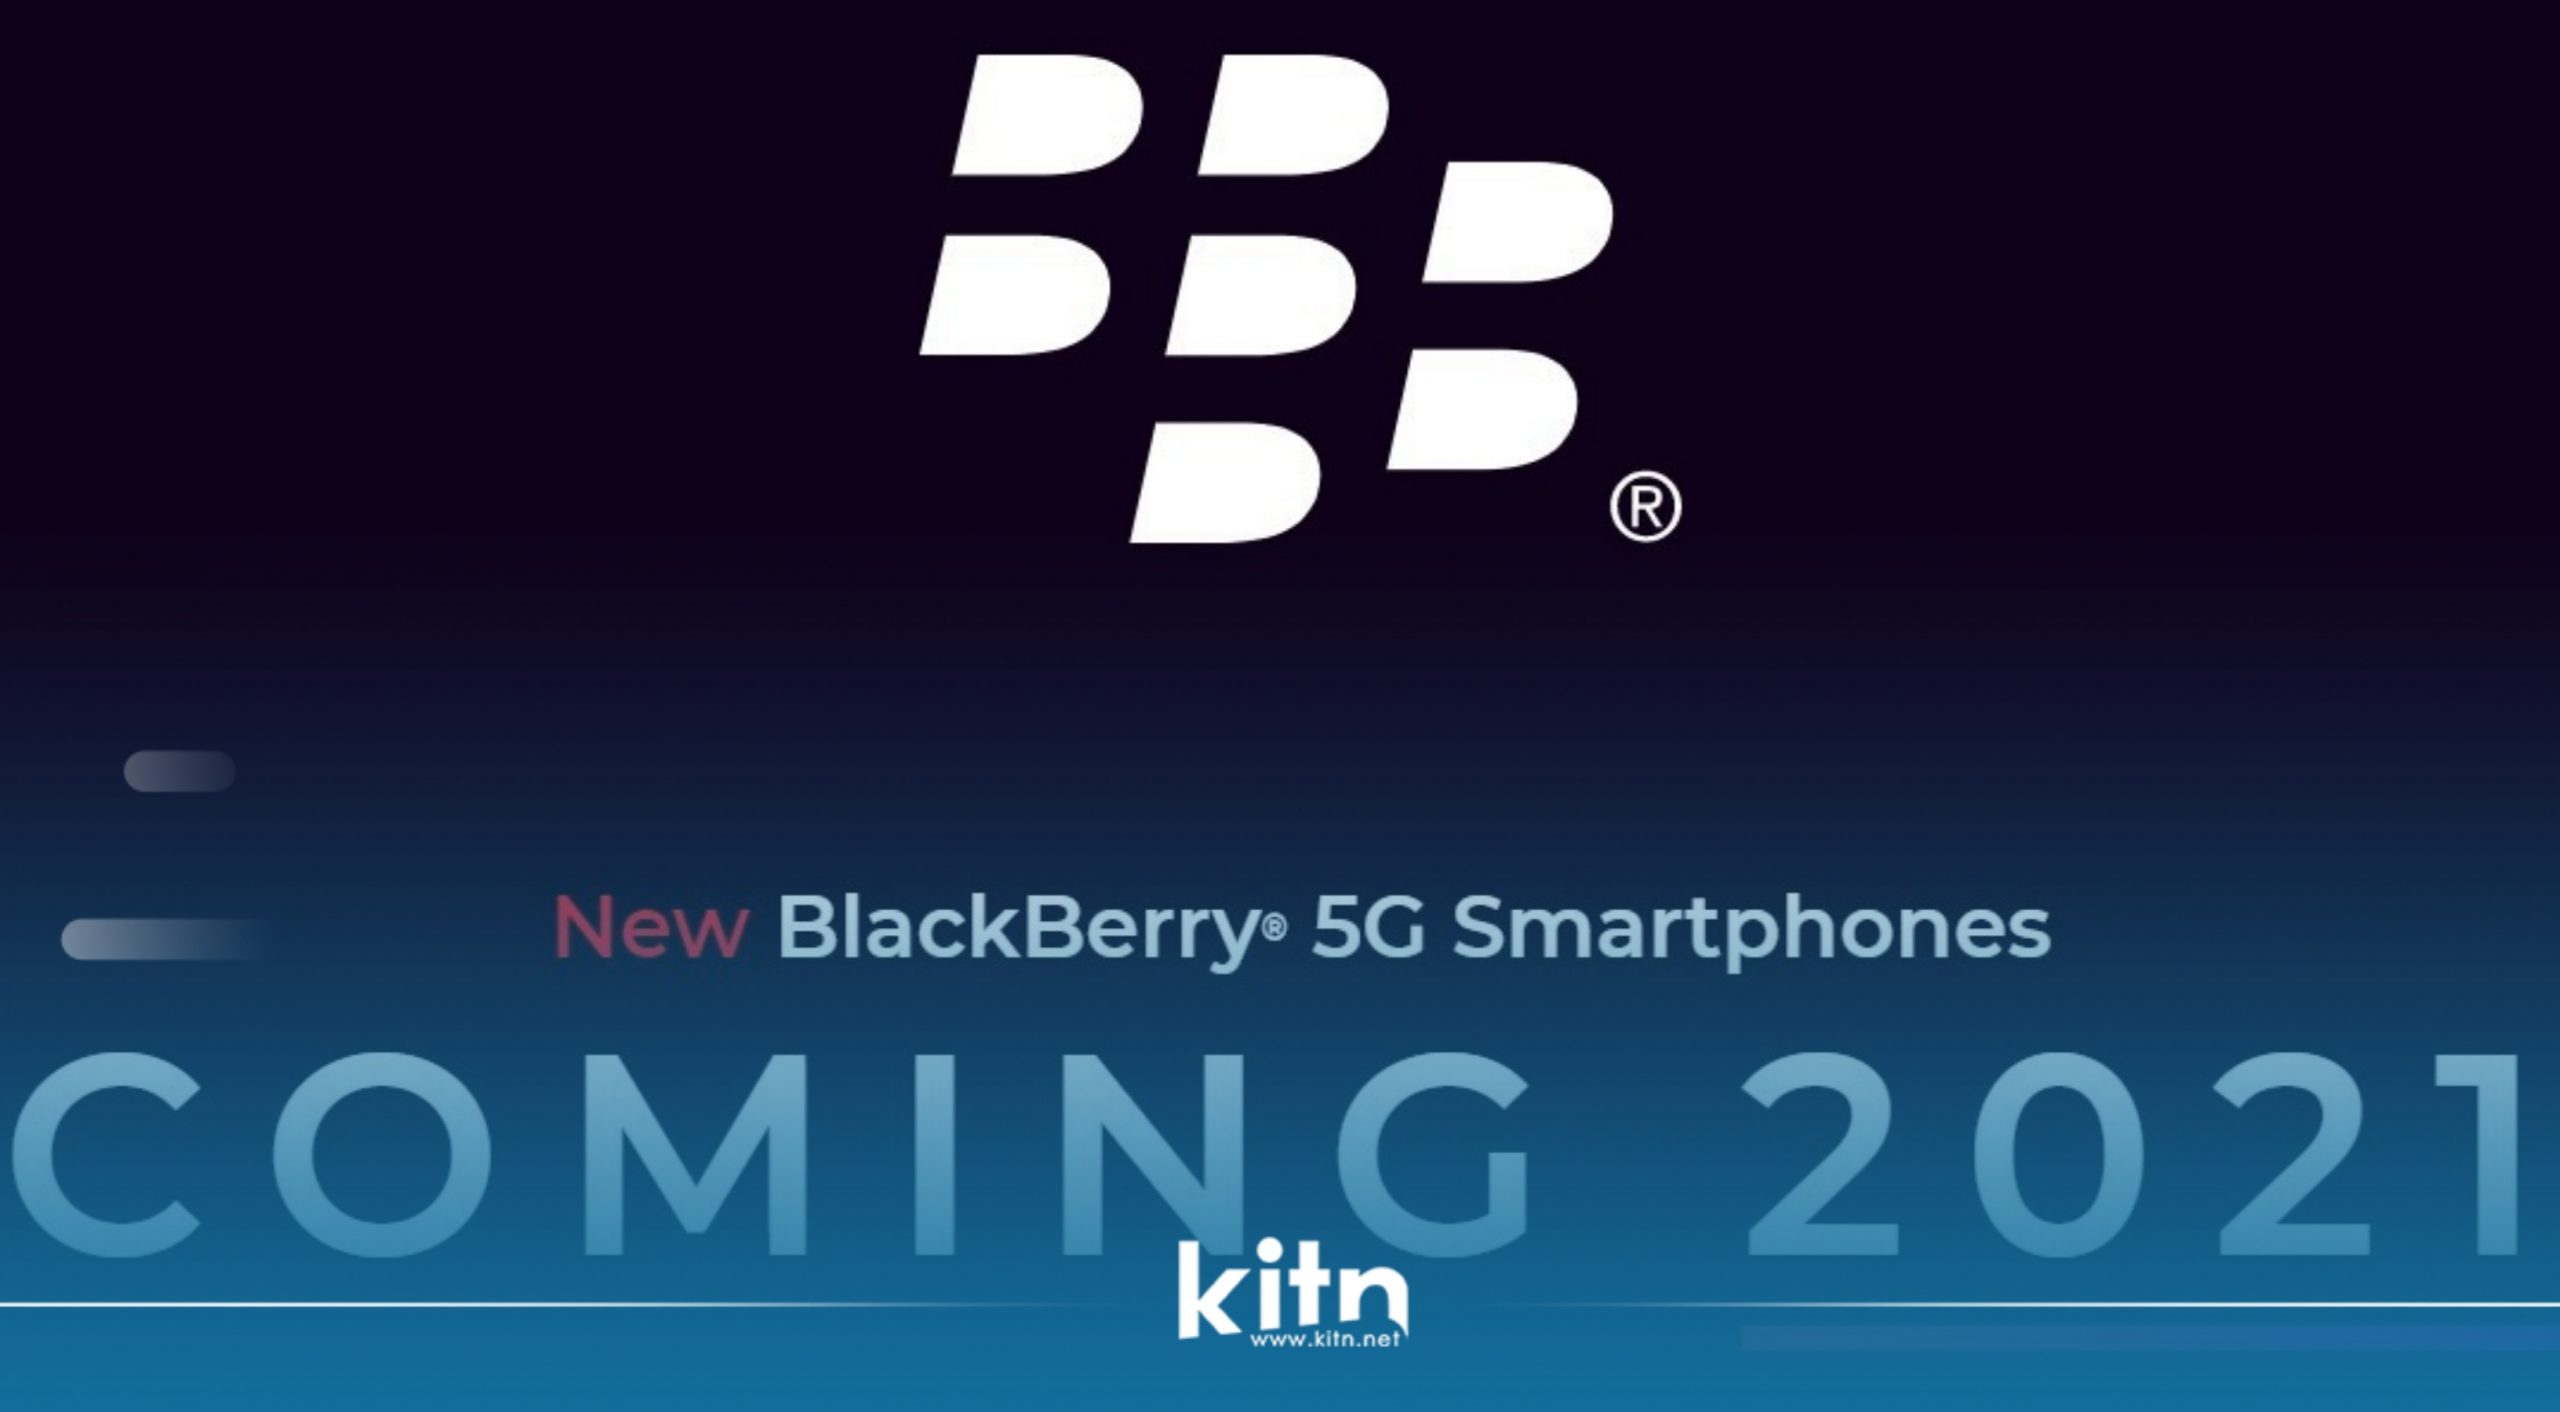 مۆبایلی نوێی کۆمپانیای Blackberry بە پشتگیری کردن لە تۆڕی نەوەی پێنجەم و تەختەکلیلی کلاسیکی لەم ساڵدا بڵاو دەکرێتەوە